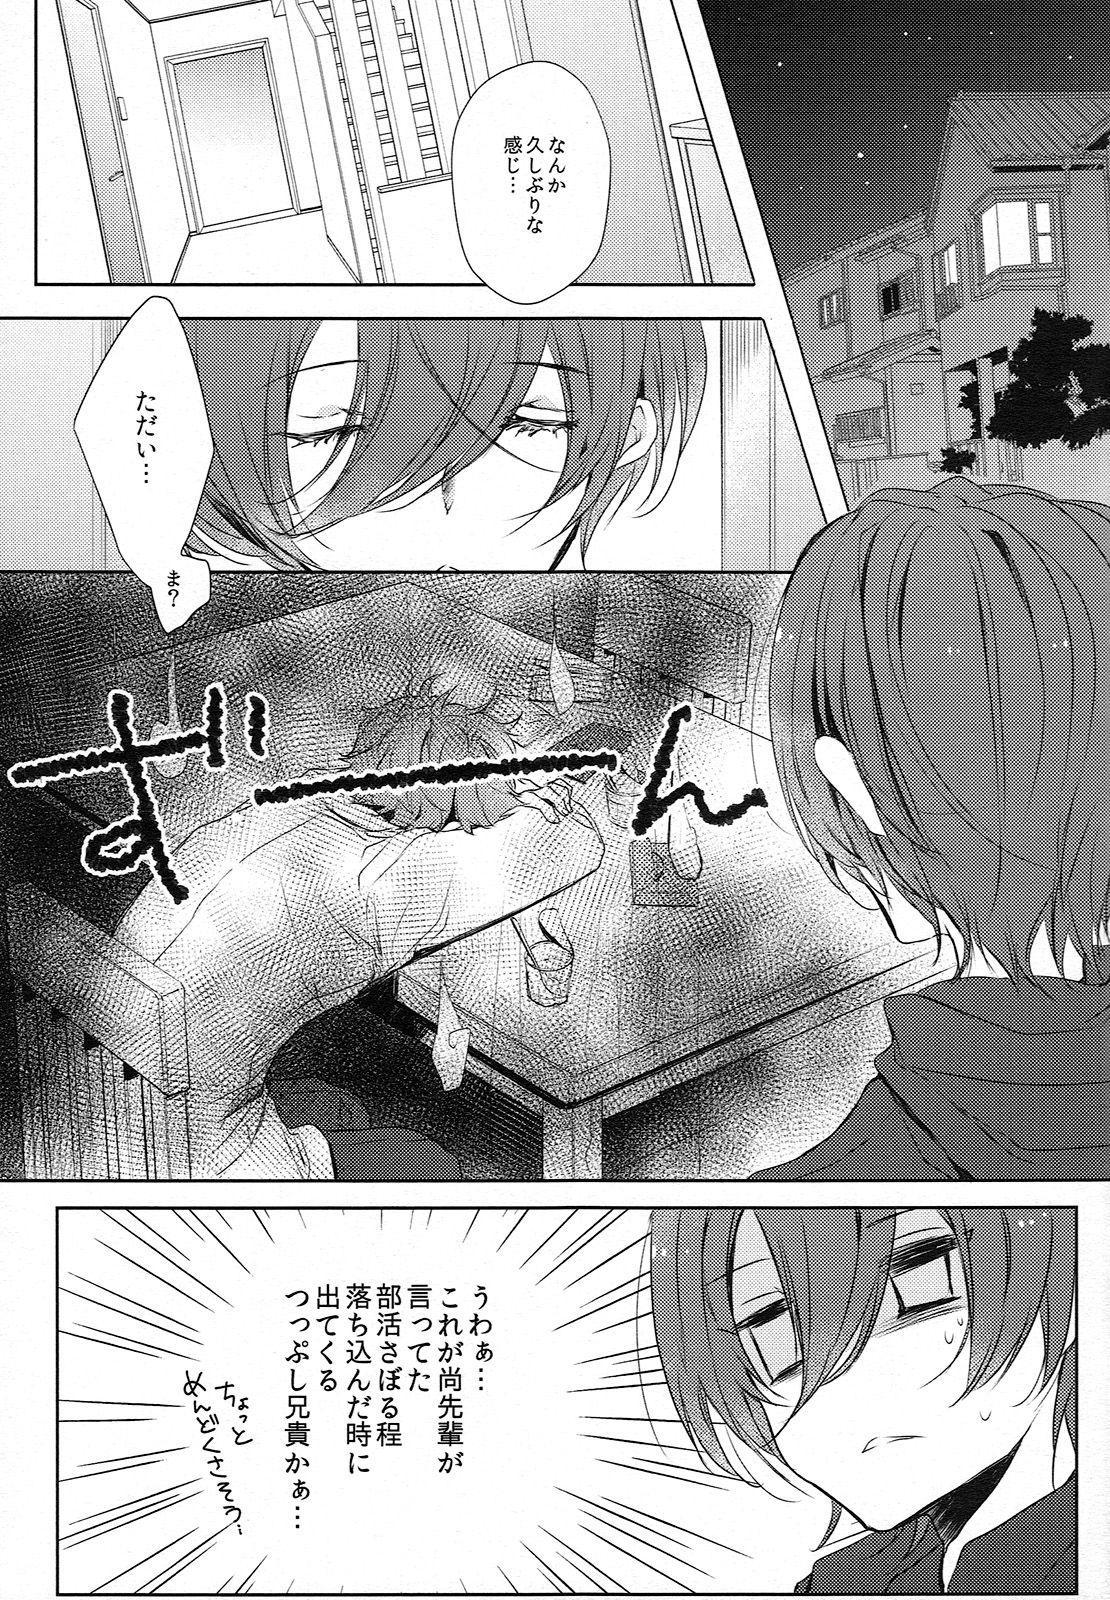 Otouto ni Shitai 10 no Koto 8